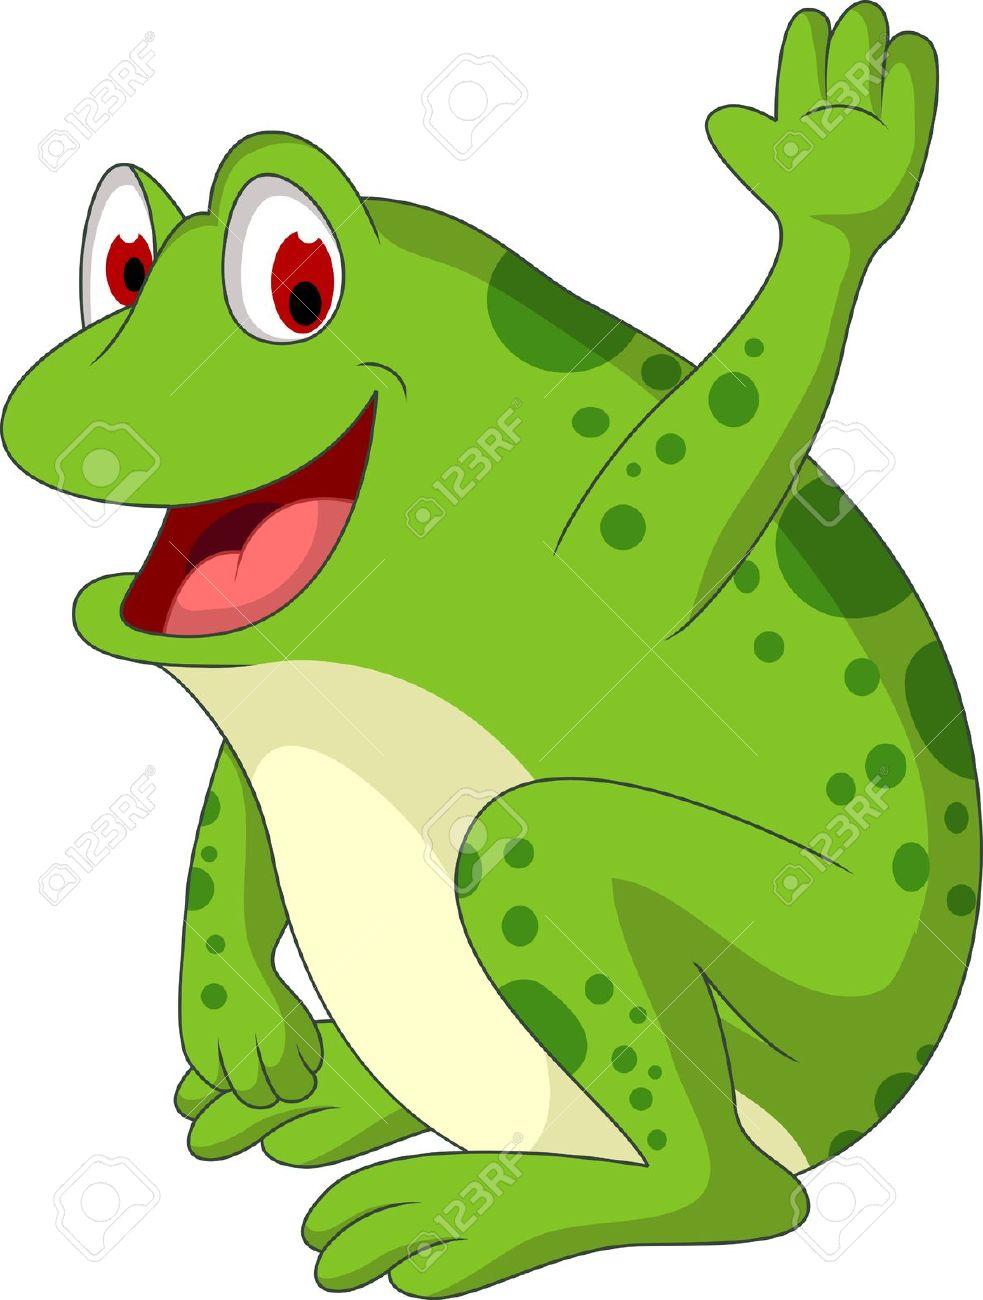 Bullfrog clipart #7, Download drawings